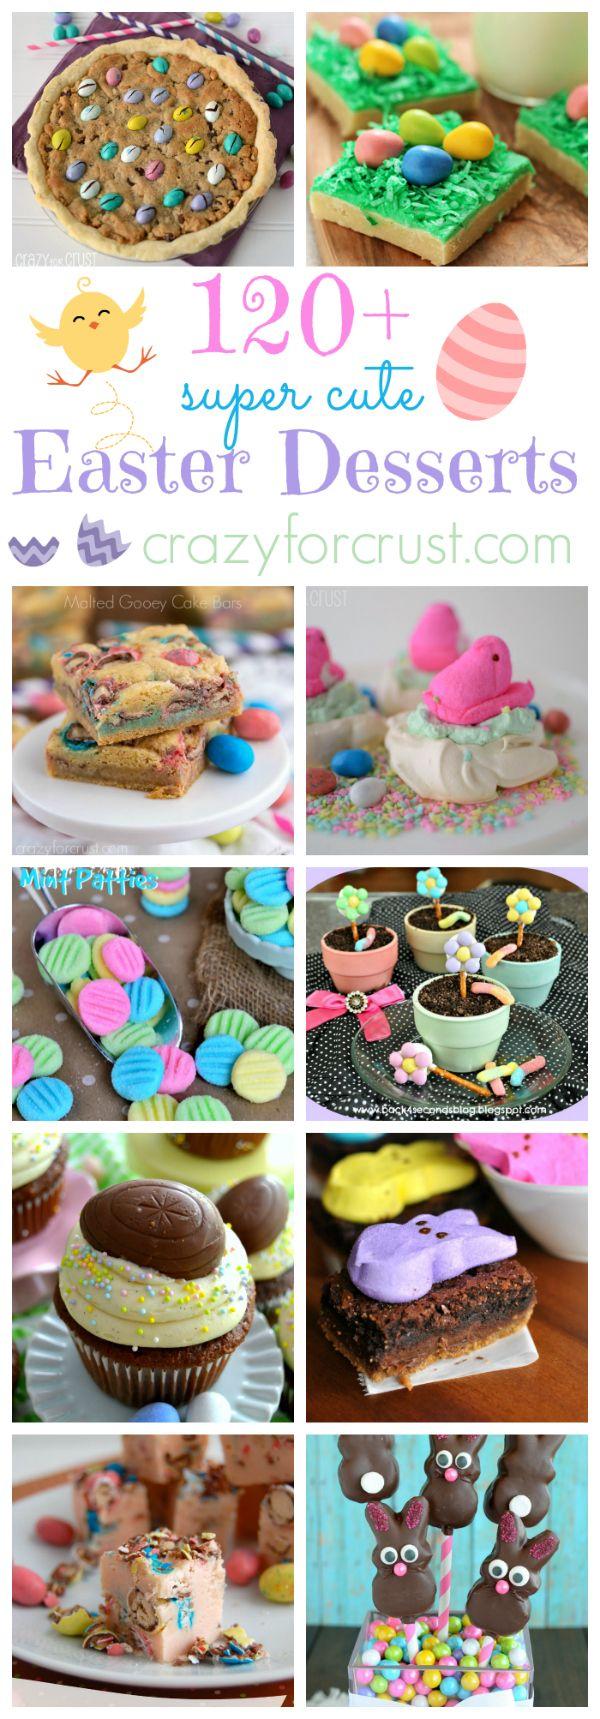 Over 120 super fun and cute Easter Desserts! | crazyforcrust.com